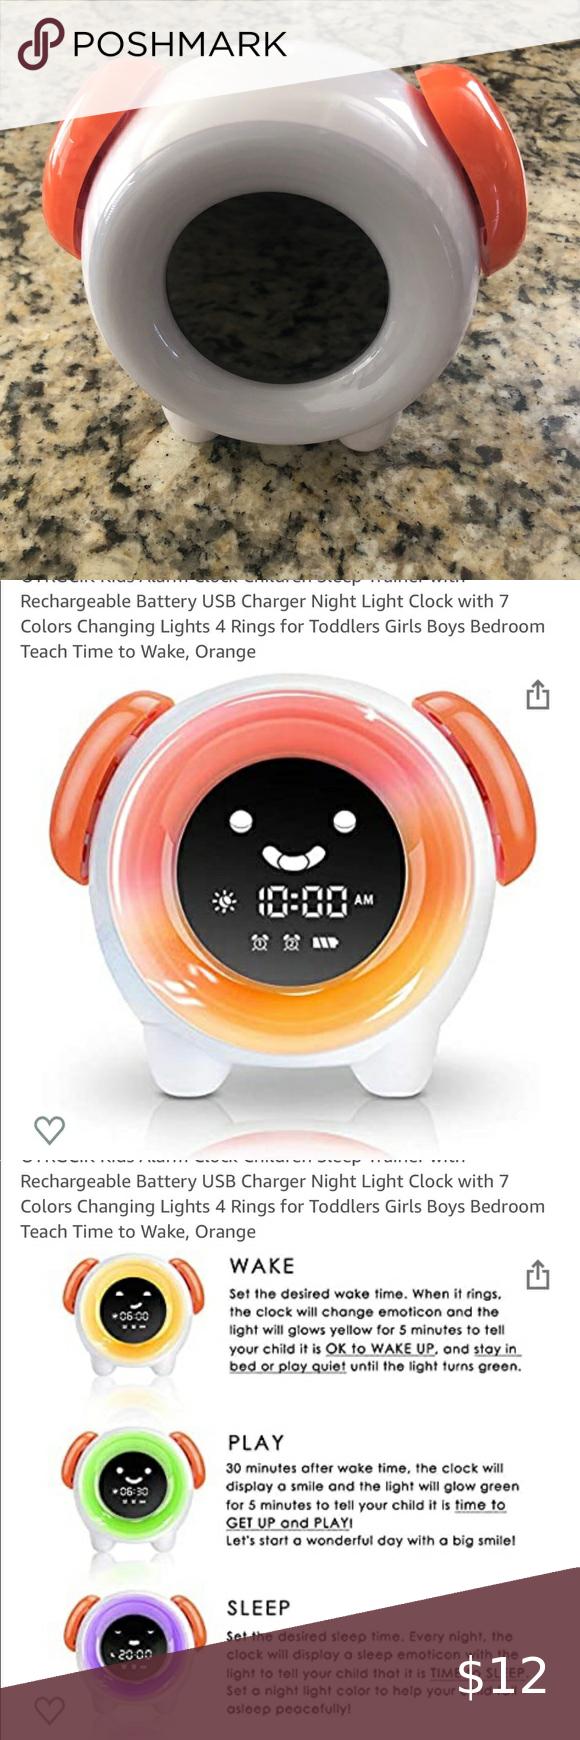 3 10 Oyrgcik Alarm Clock For Kids In 2020 Clock For Kids Kids Alarm Clock Color Changing Lights